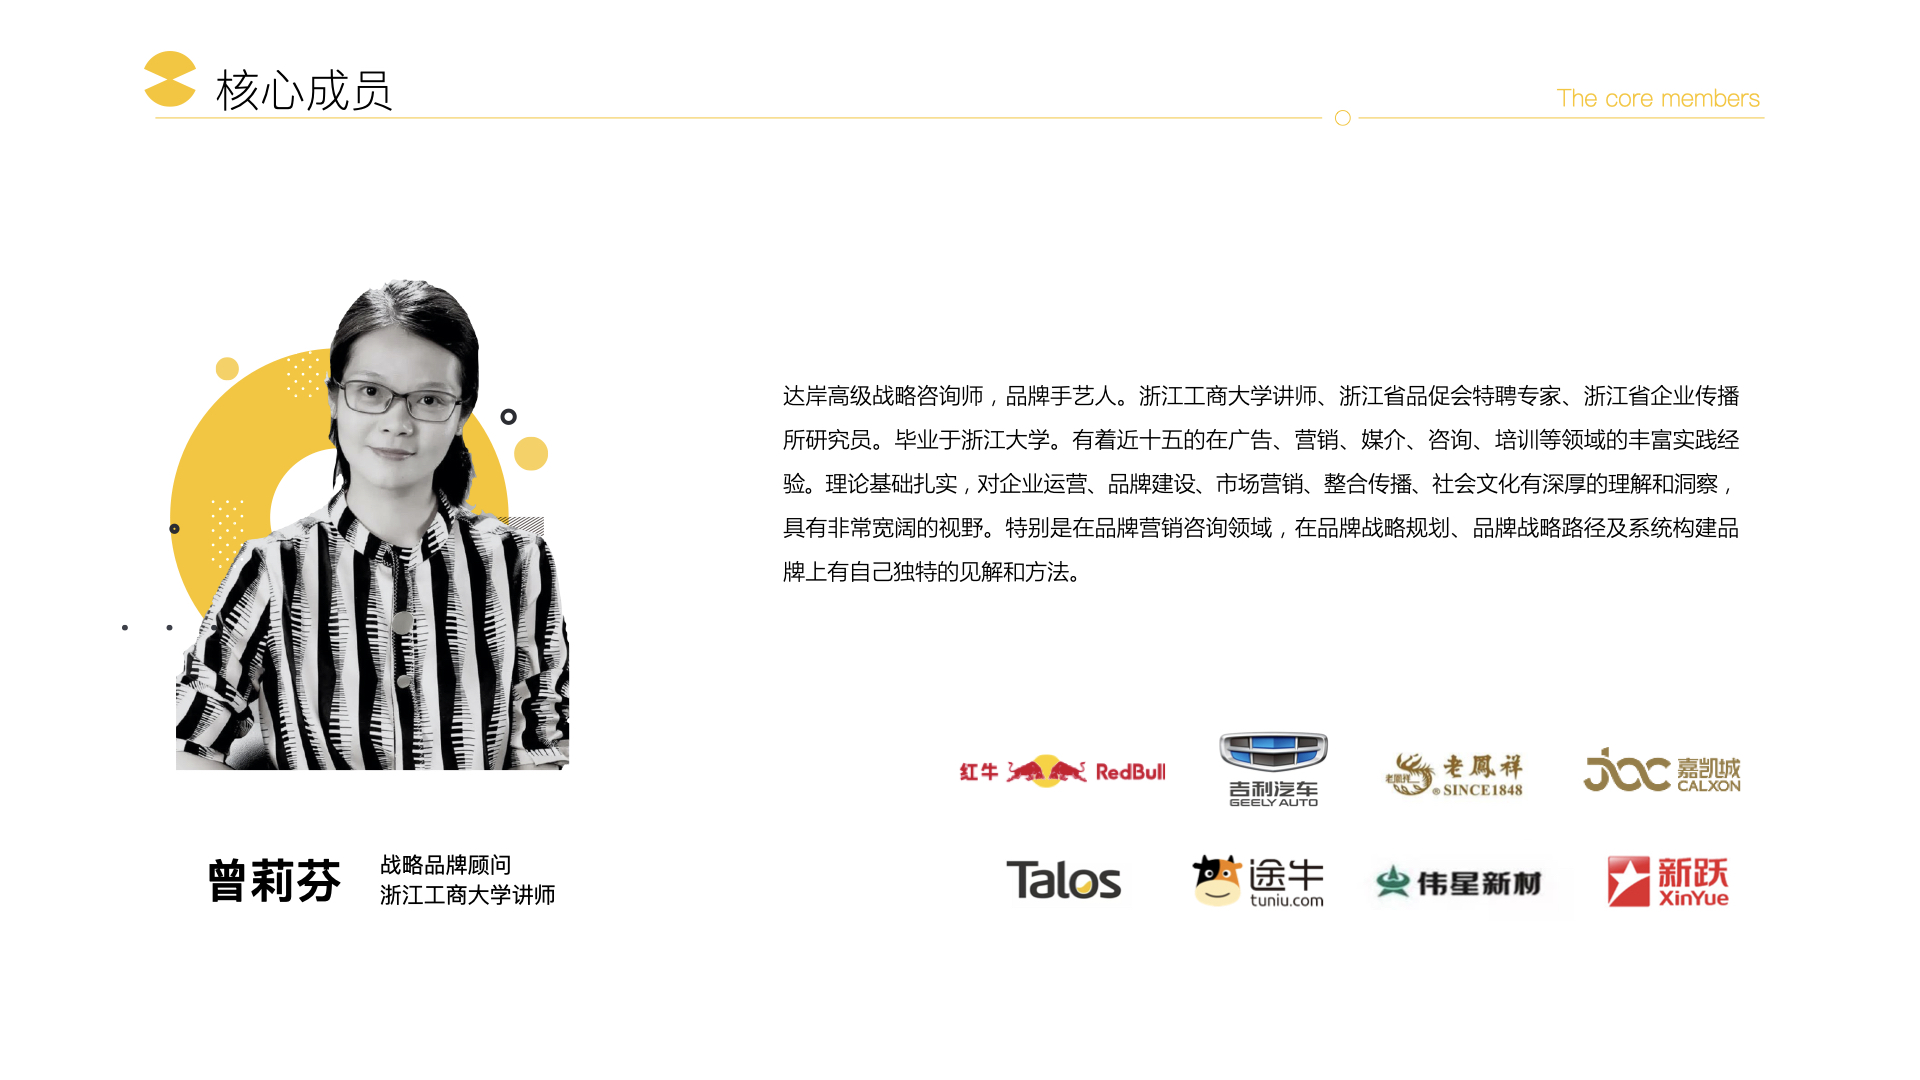 【公司-企业介绍】达岸品牌营销机构20200526.023